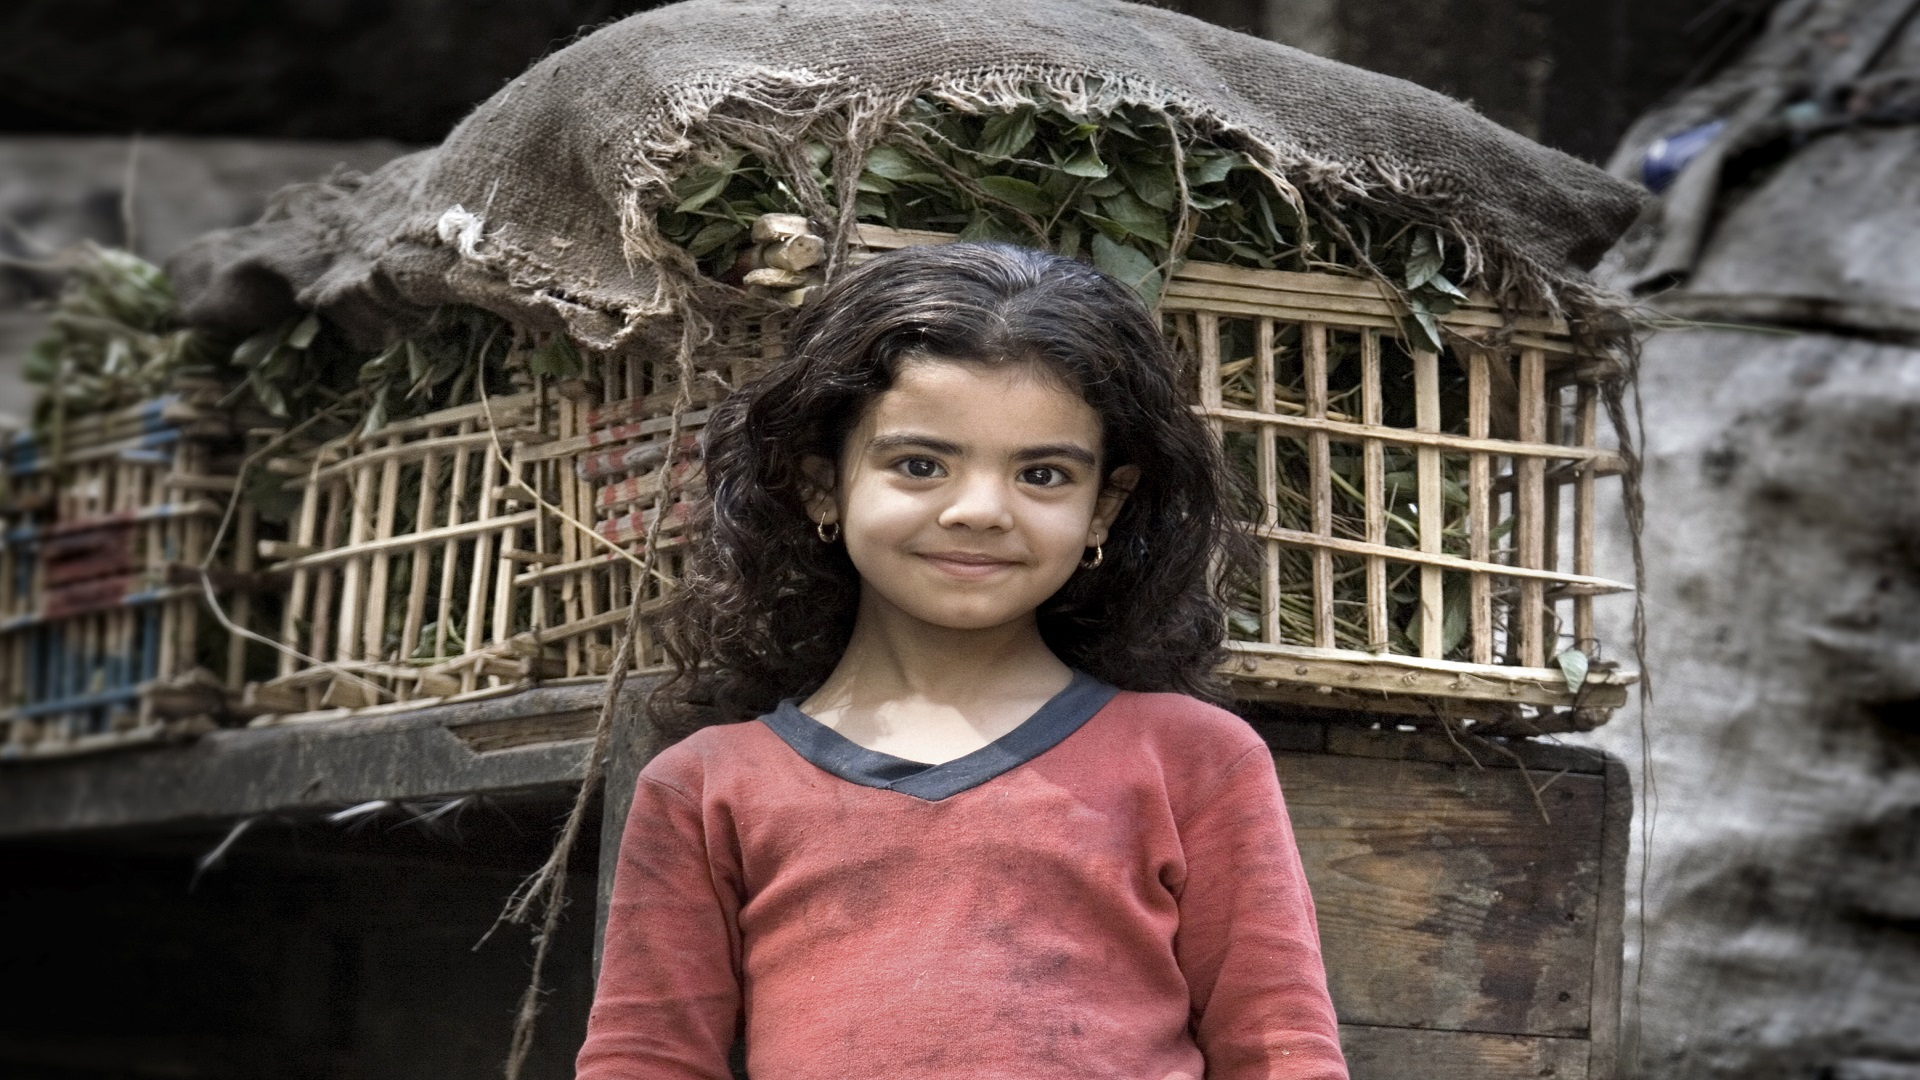 ملايين المصريين دخلوا تحت خط الفقر بعد اتفاق الصندوق